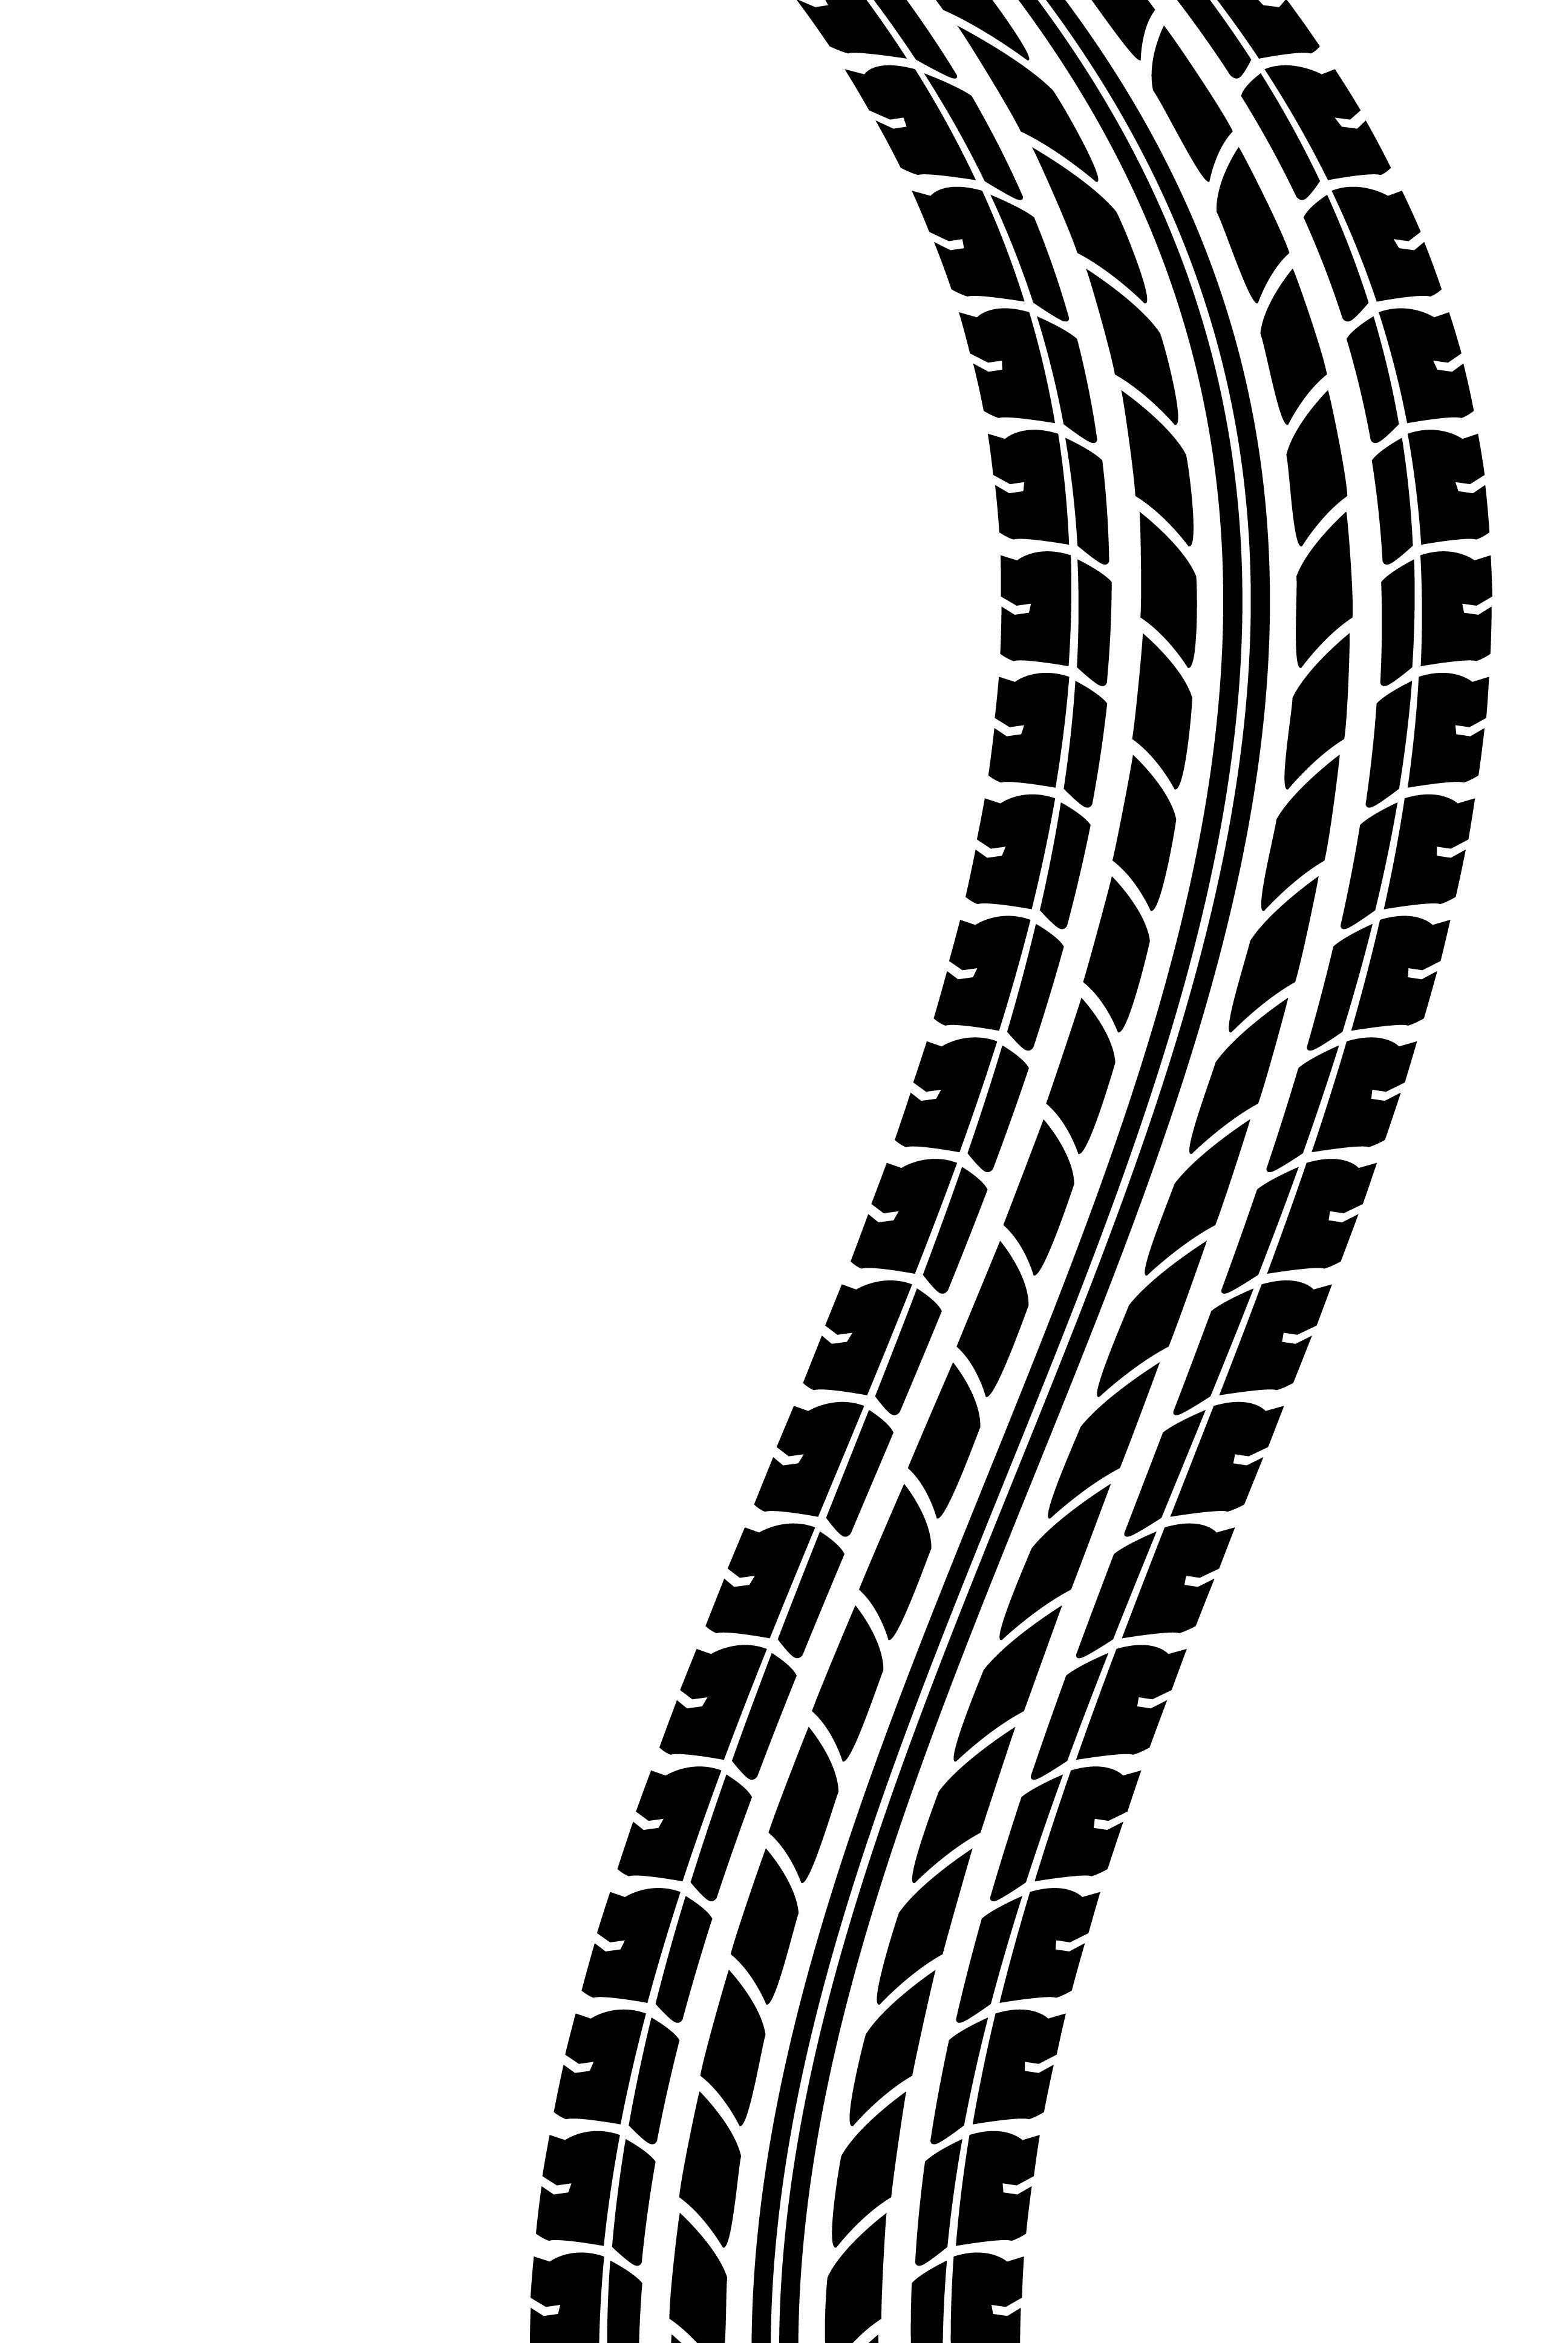 Resultado de imagen para motorcycle tire track vector ... image black and white library